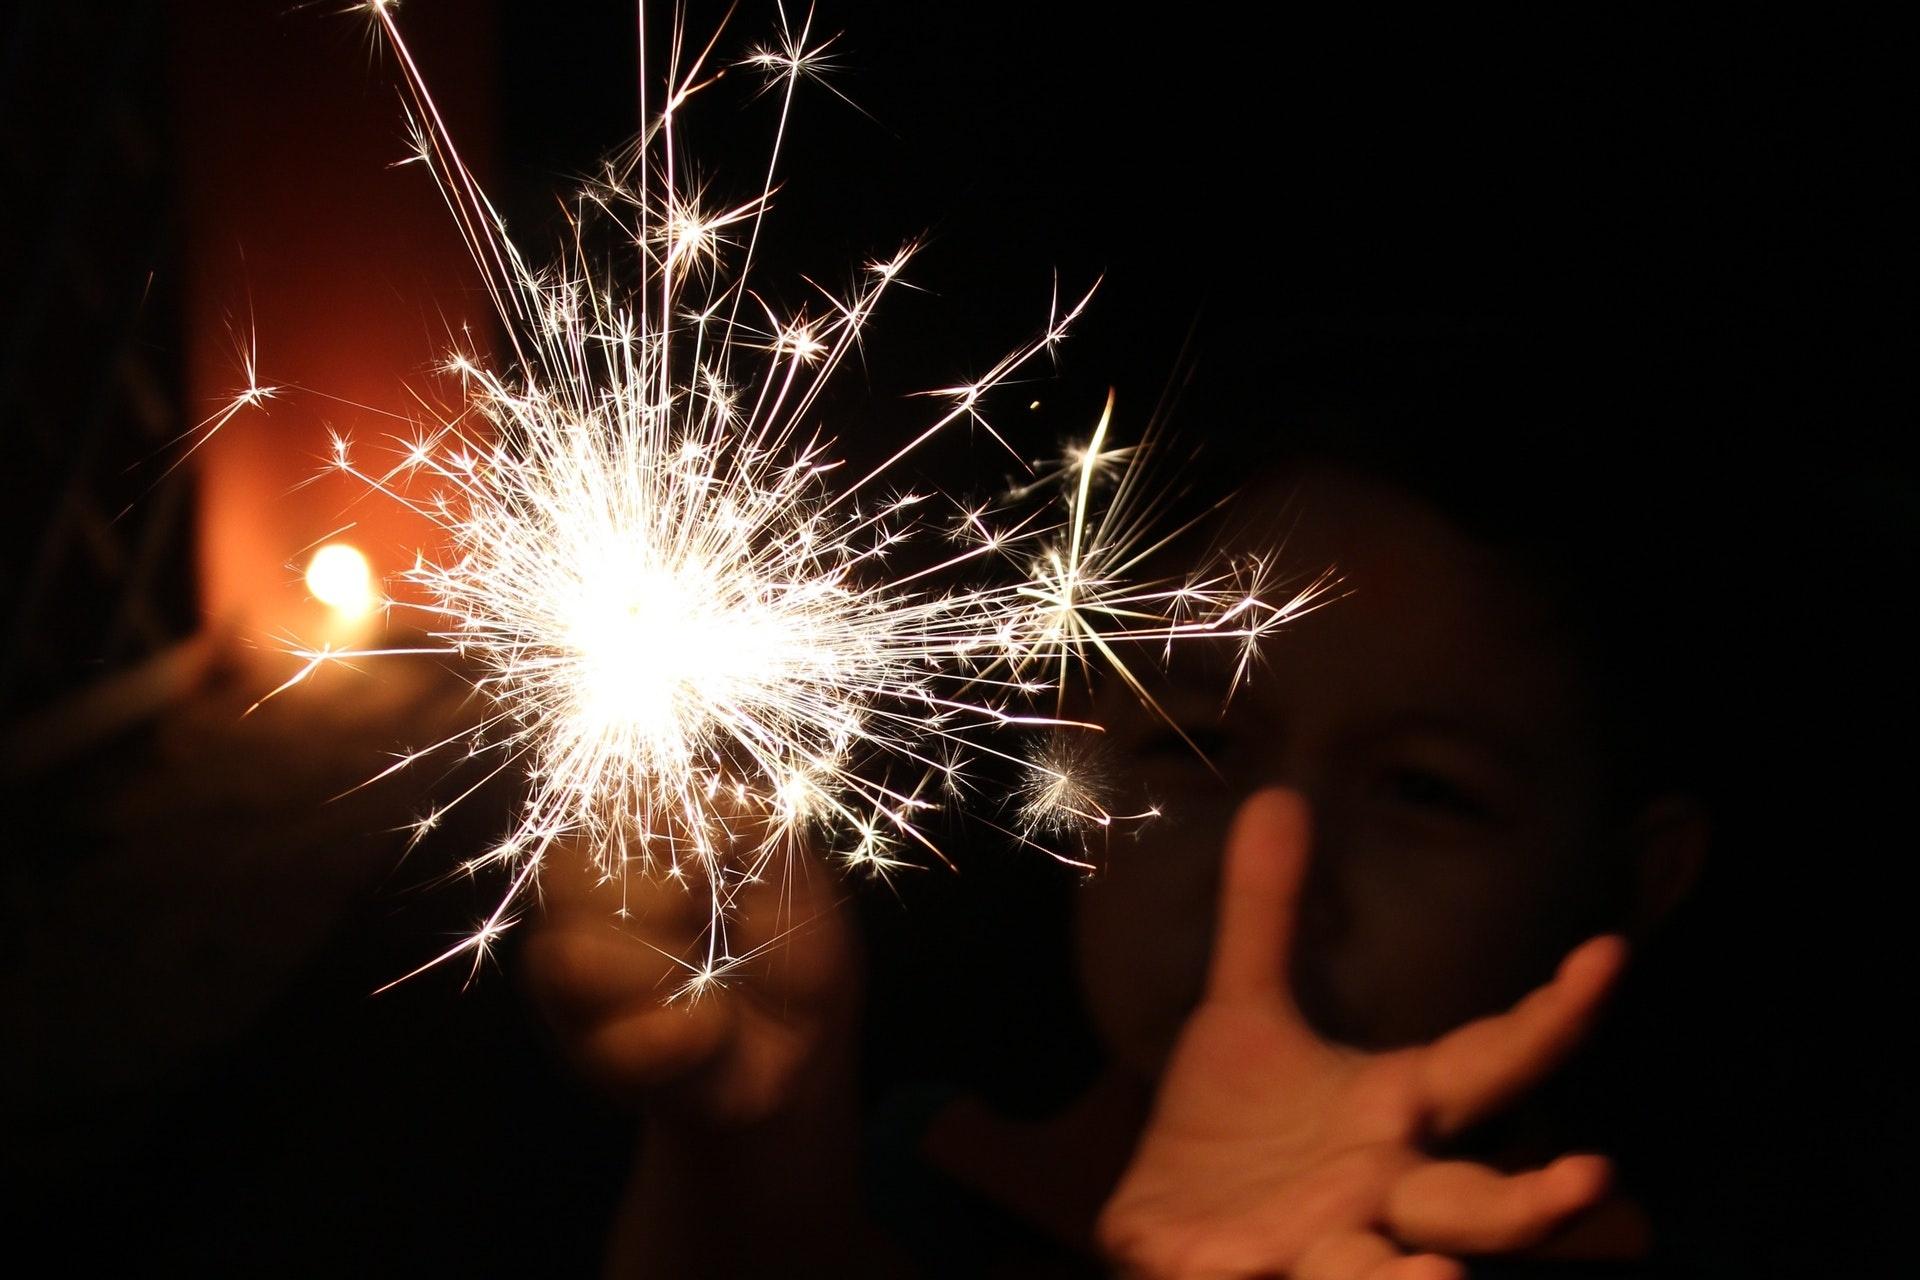 Kinder nicht alleine mit Feuerwerk hantieren lassen